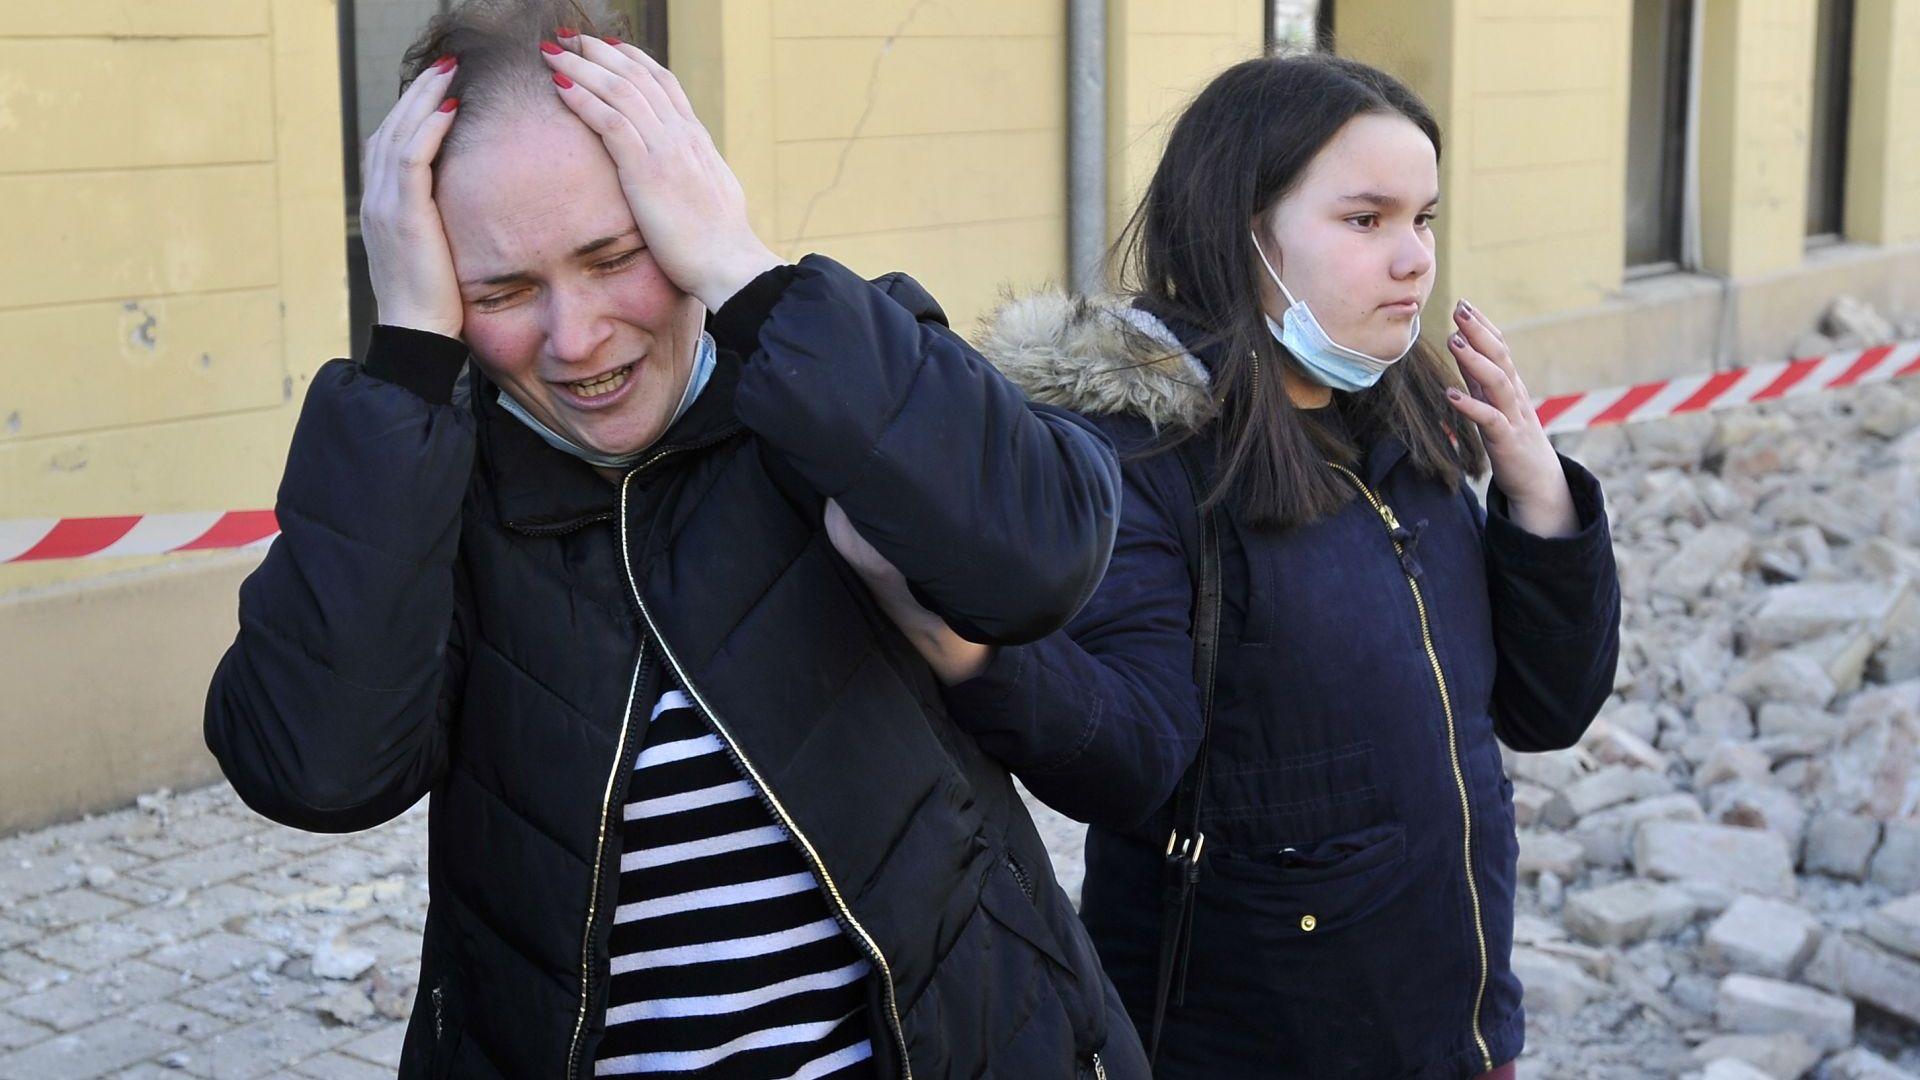 Най-малко 6 са жертвите на труса в Хърватия. Кмет: Като в Хирошима е (снимки, видео)